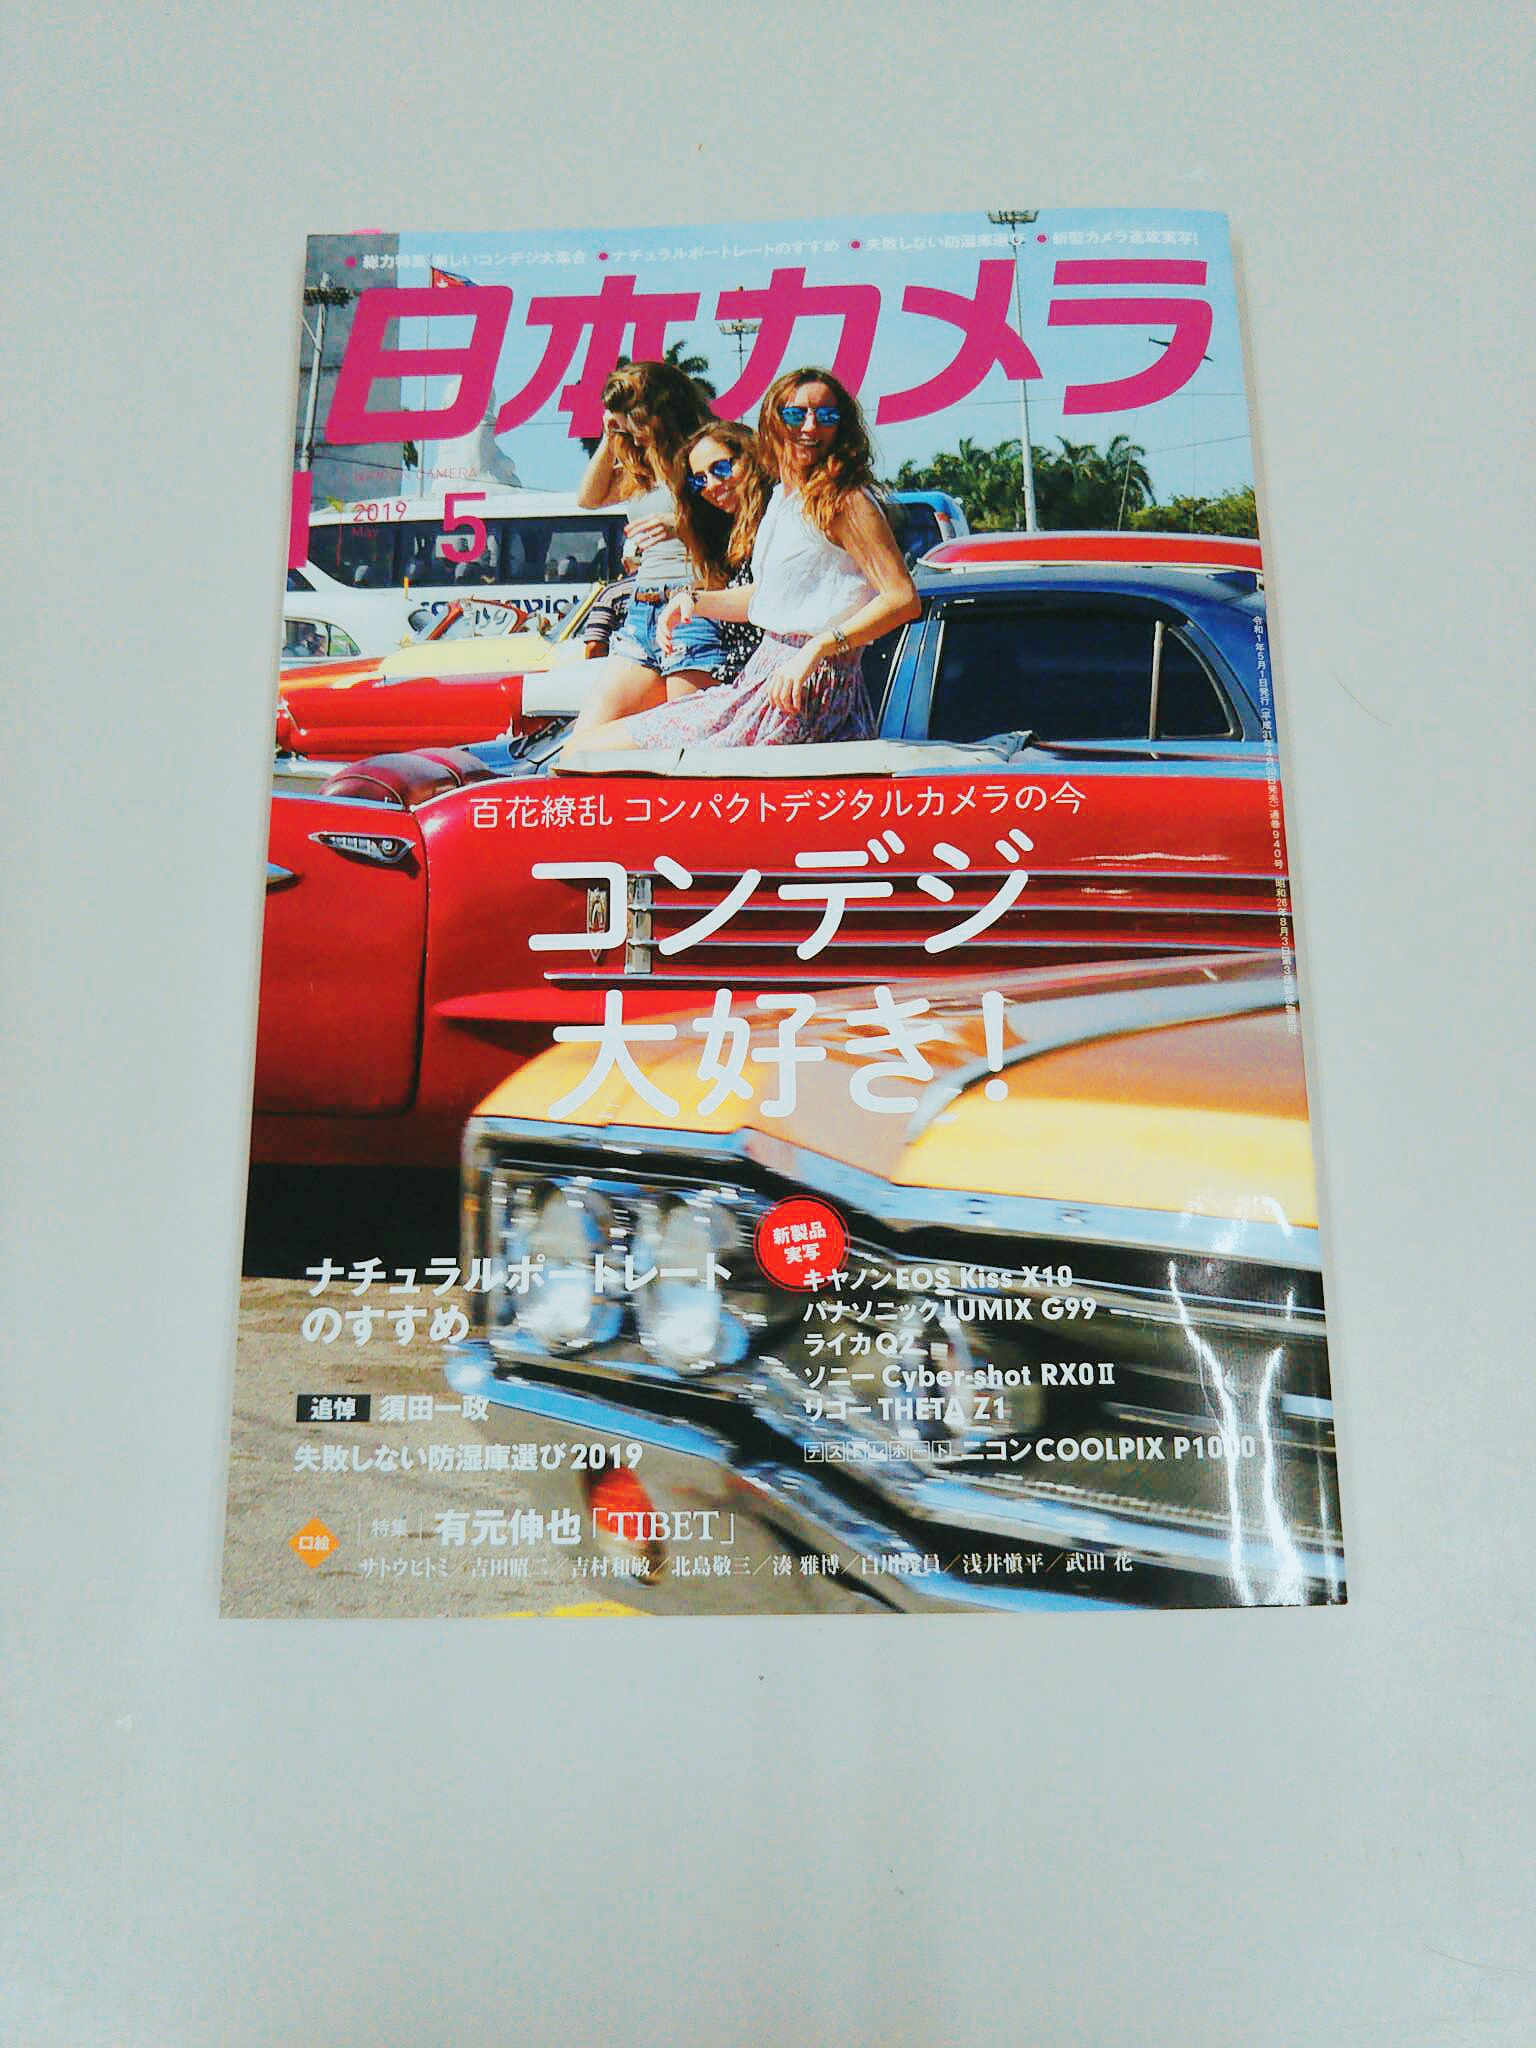 雑誌「日本カメラ」で金賞を獲った写真が「彼岸花の結婚式」